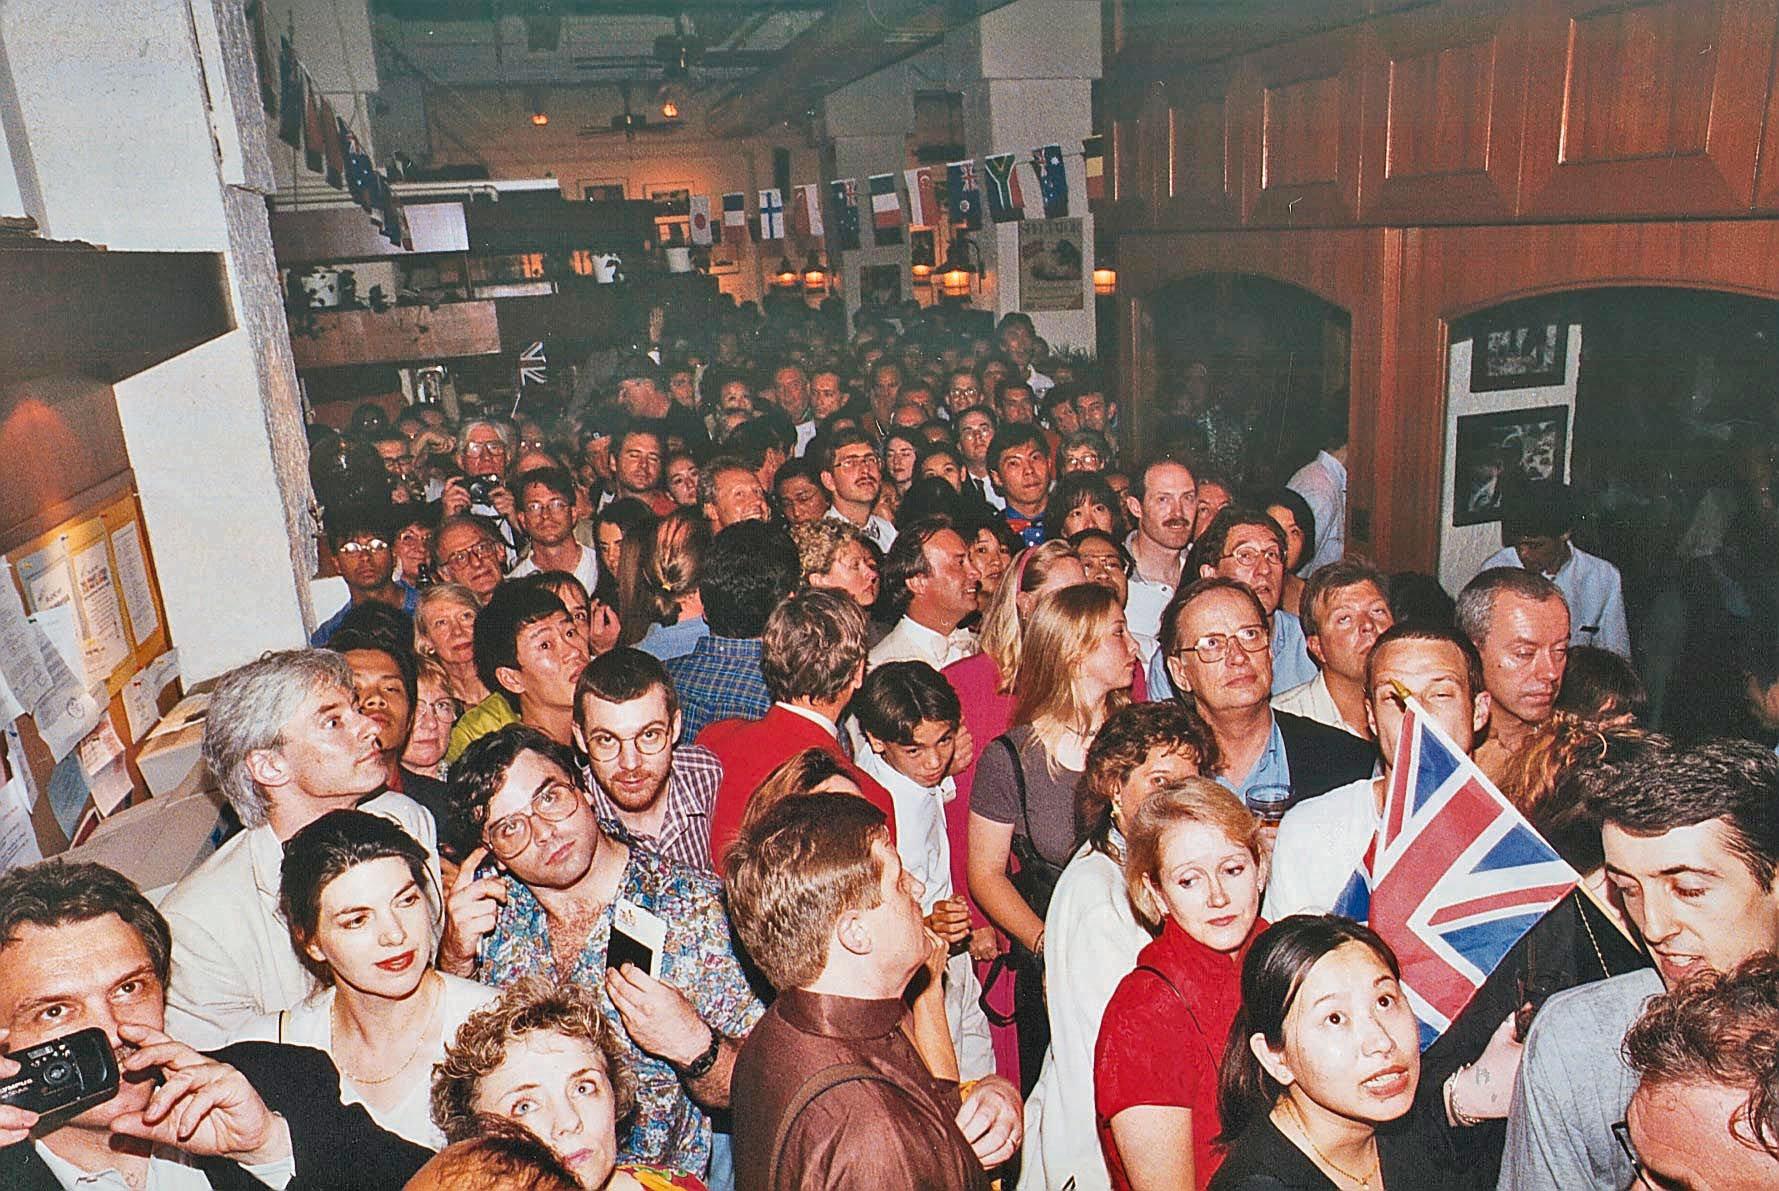 20 Year Hong Kong Handover Celebration